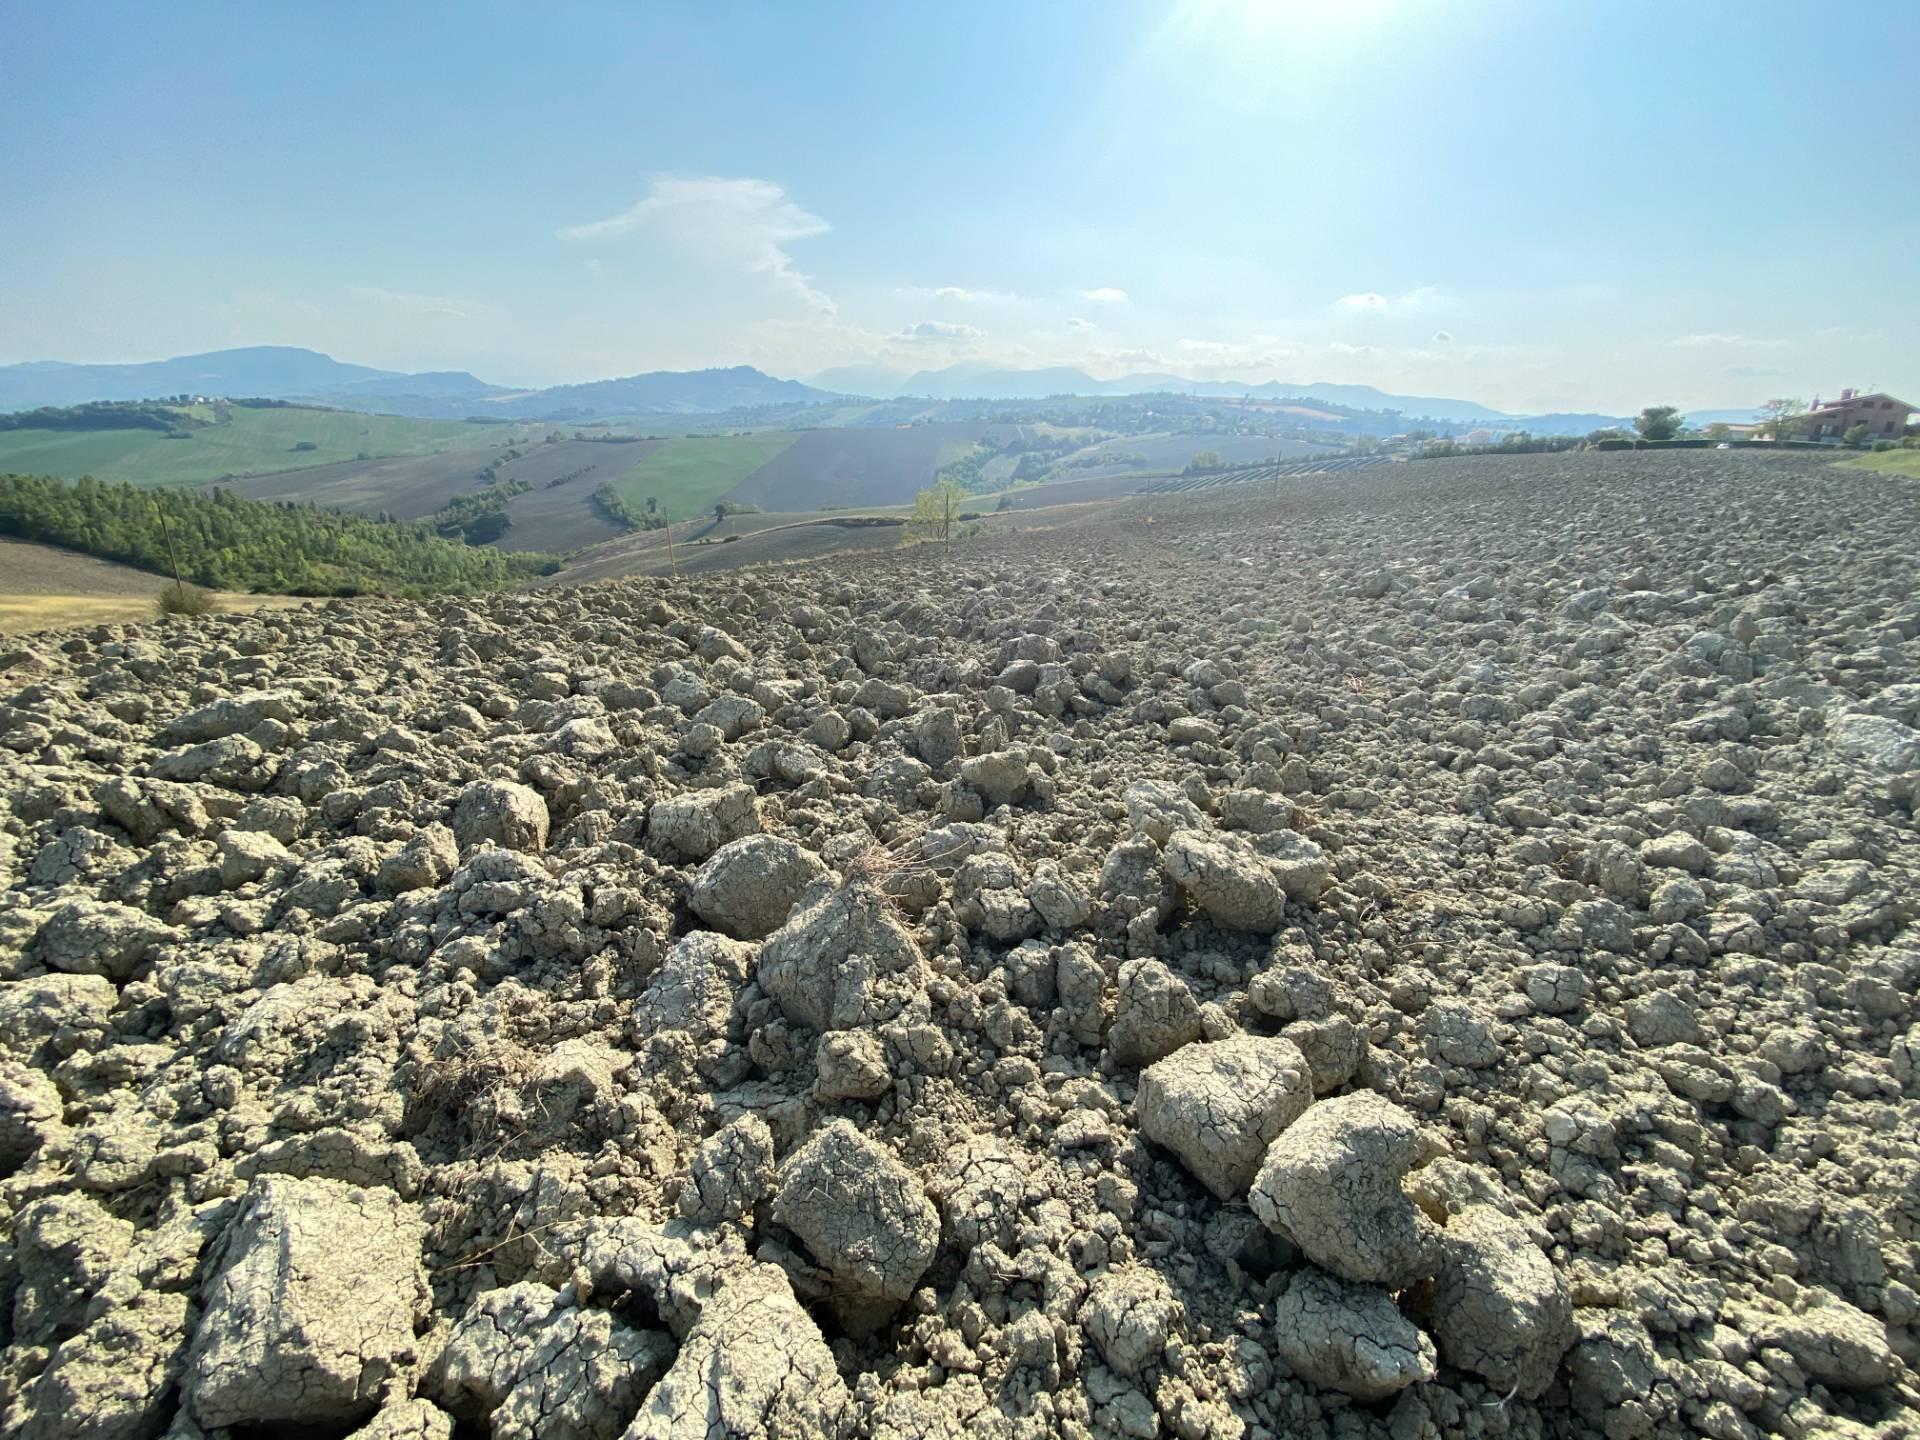 Terreno Agricolo in vendita a Falerone, 9999 locali, prezzo € 65.000 | CambioCasa.it